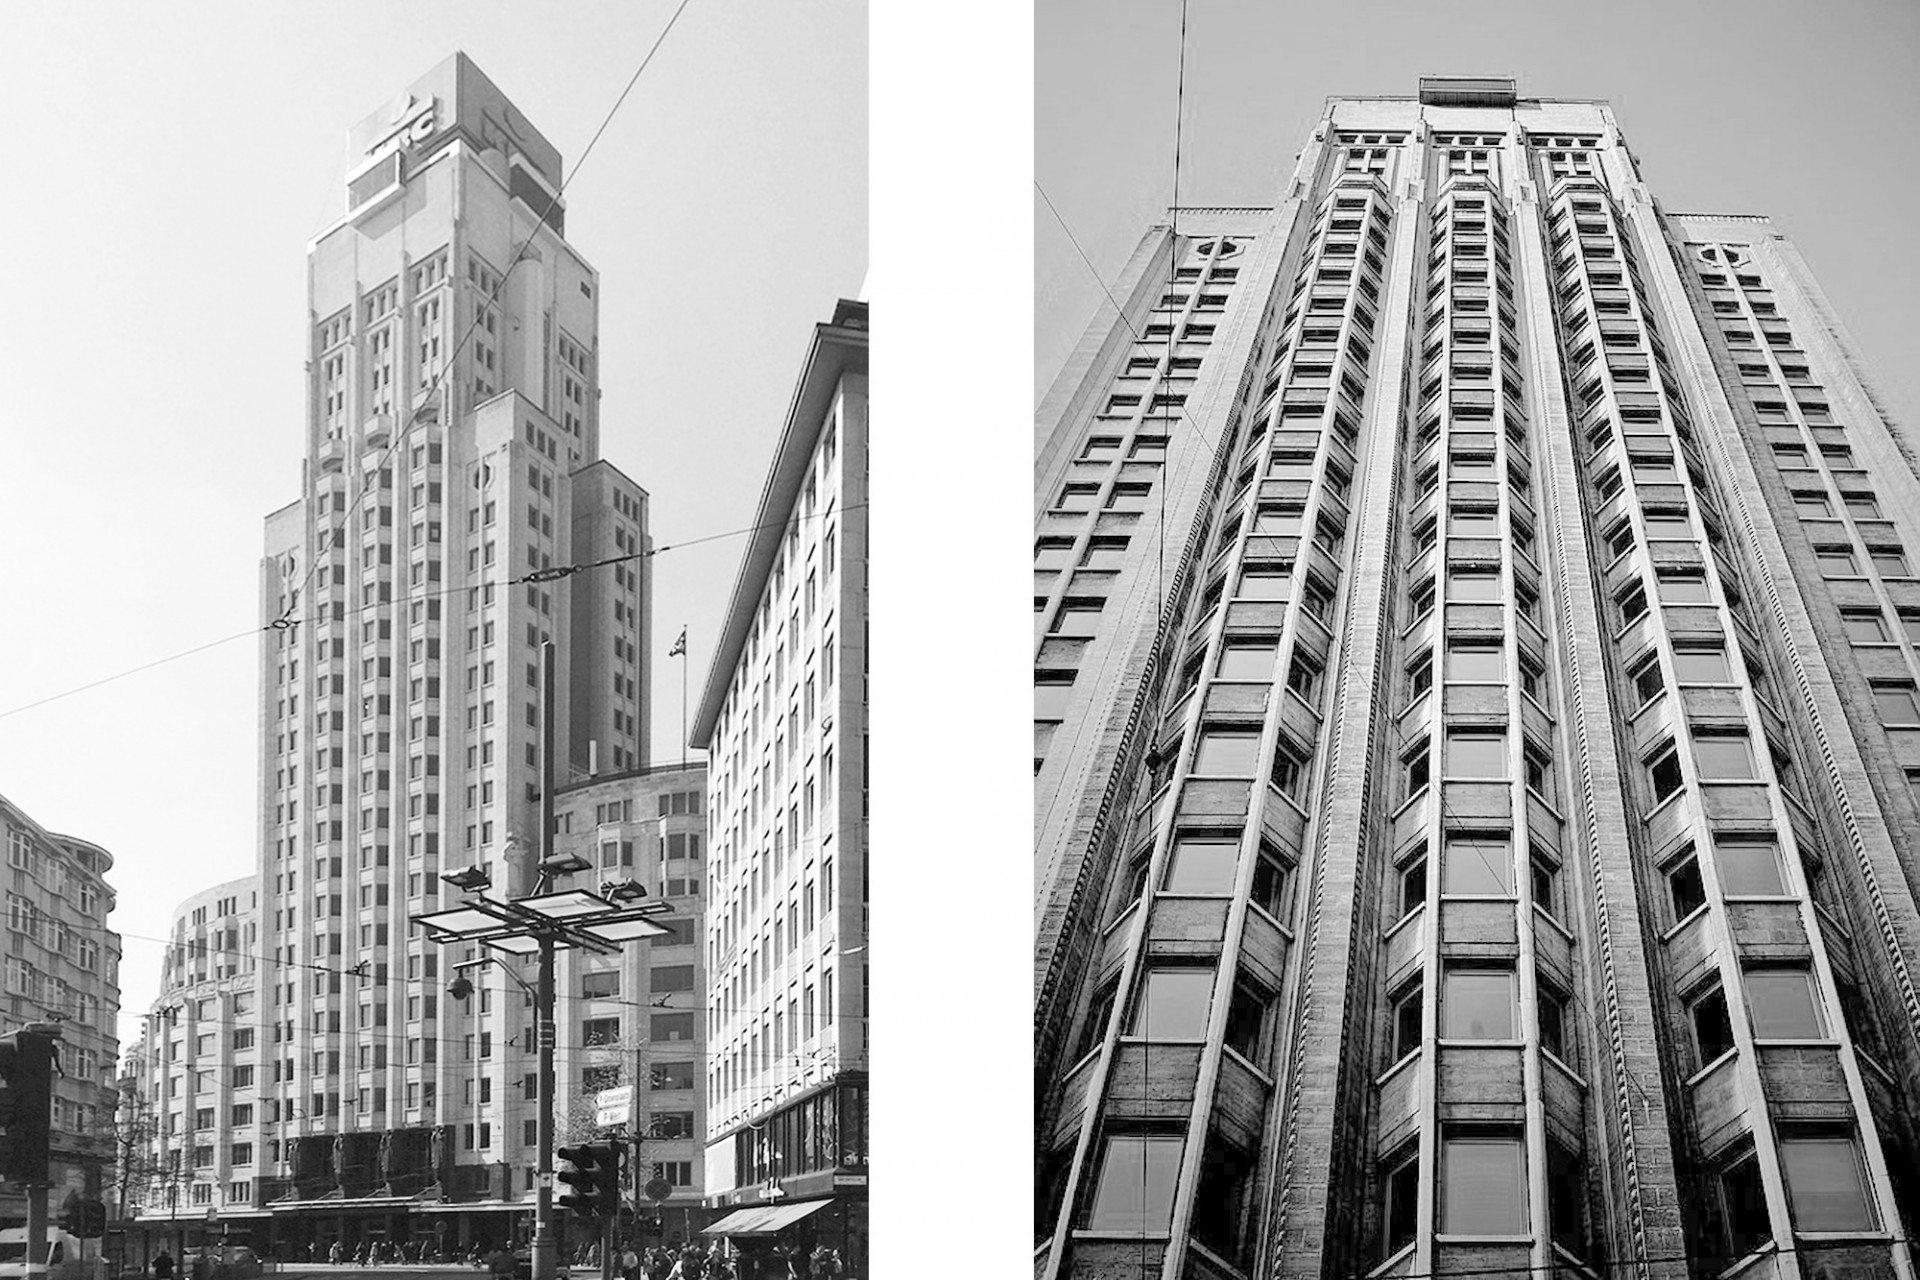 Amerikanisch. Er ist noch immer der Star der modernen Antwerpener Skyline. Bei seiner spektakulären Eröffnung anlässlich der Weltausstellung 1930 war der Boerentoren (Bauernturm) eines der höchsten Gebäude Europas. Seinen Namen erhielt der 87,5 Meter hohe Turm durch die damaligen Hauptklienten der Bauherrin